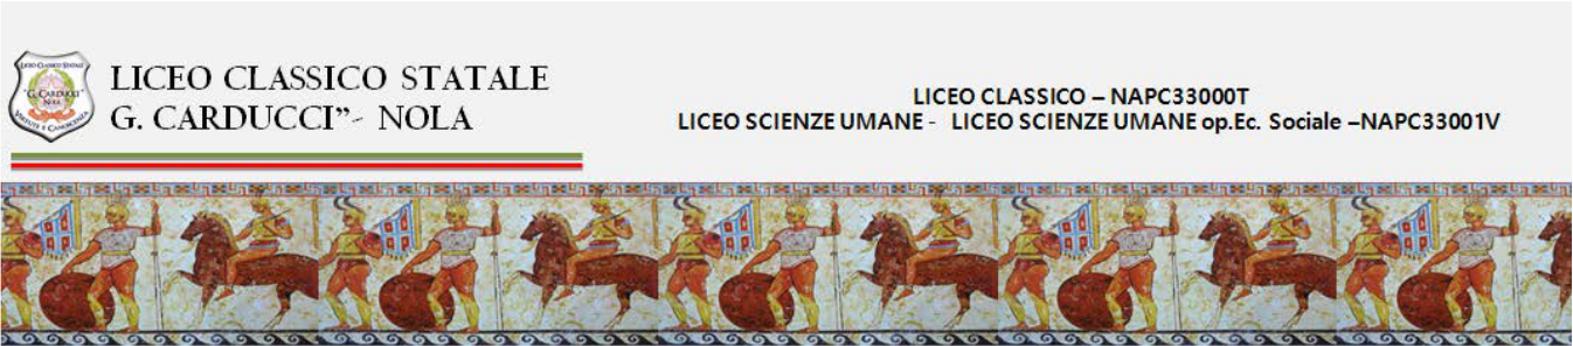 Liceo Carducci Nola